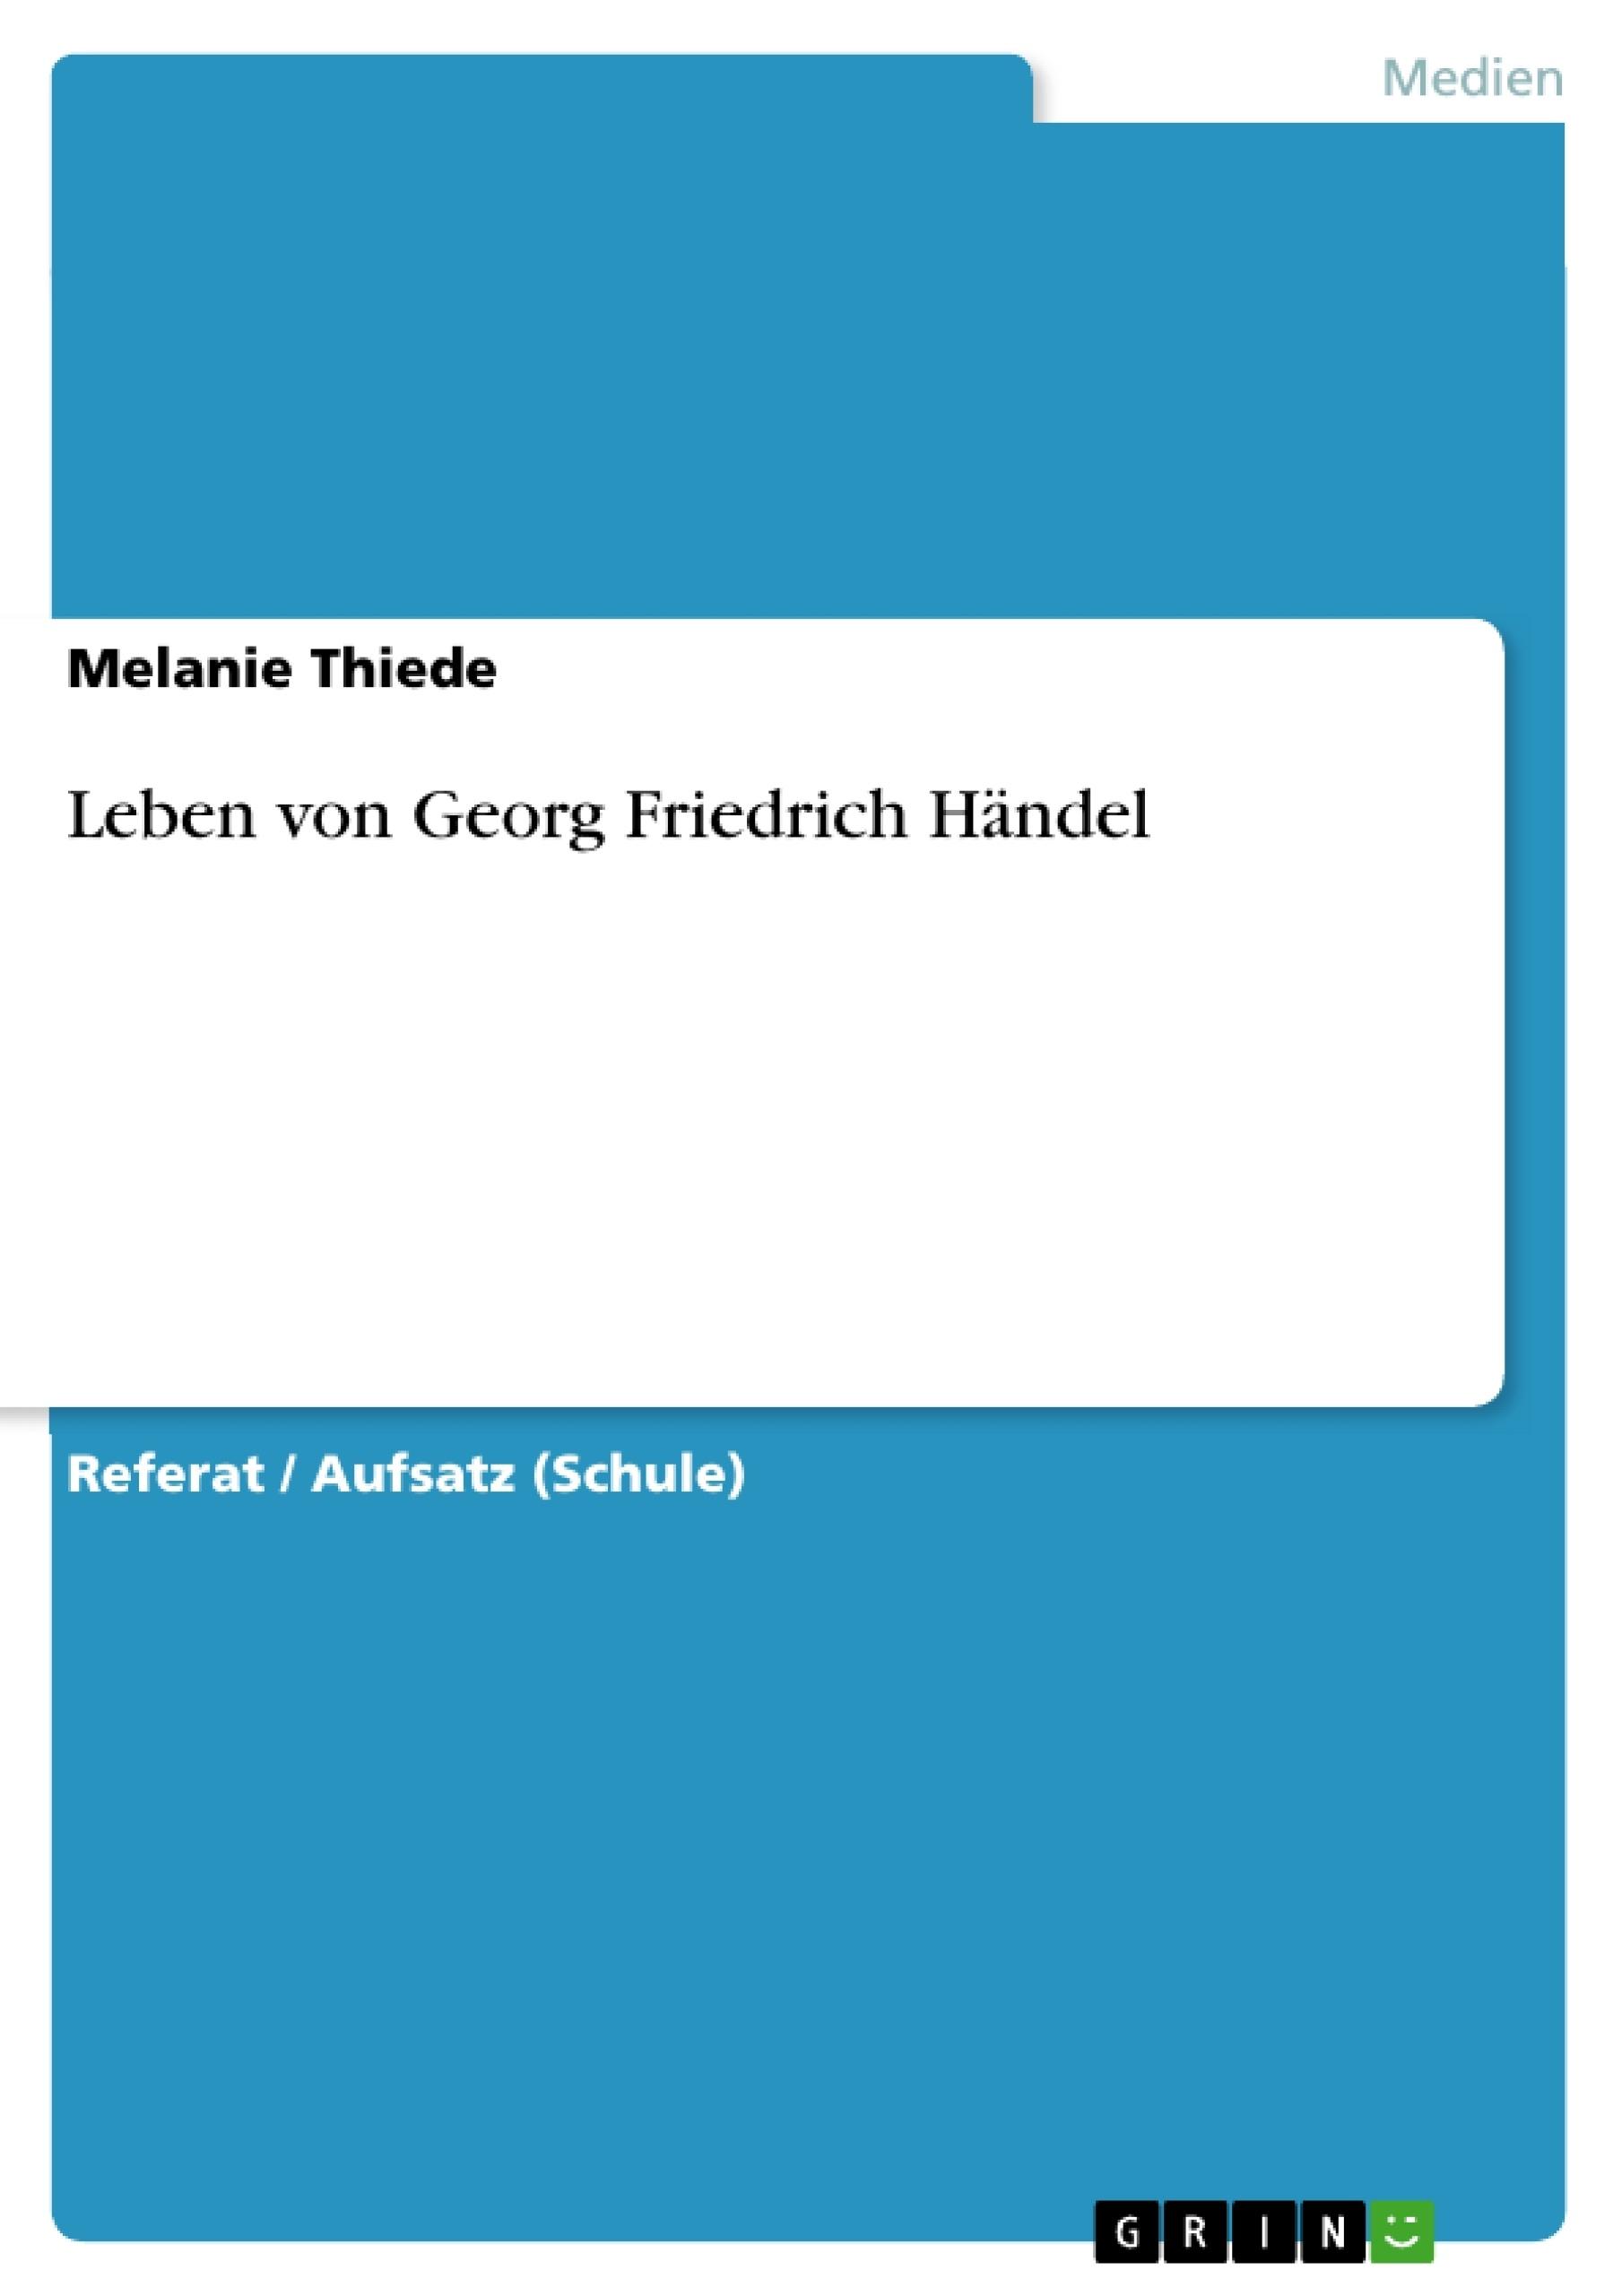 laden sie ihre eigenen arbeiten hoch geld verdienen und iphone x gewinnen - Georg Friedrich Handel Lebenslauf